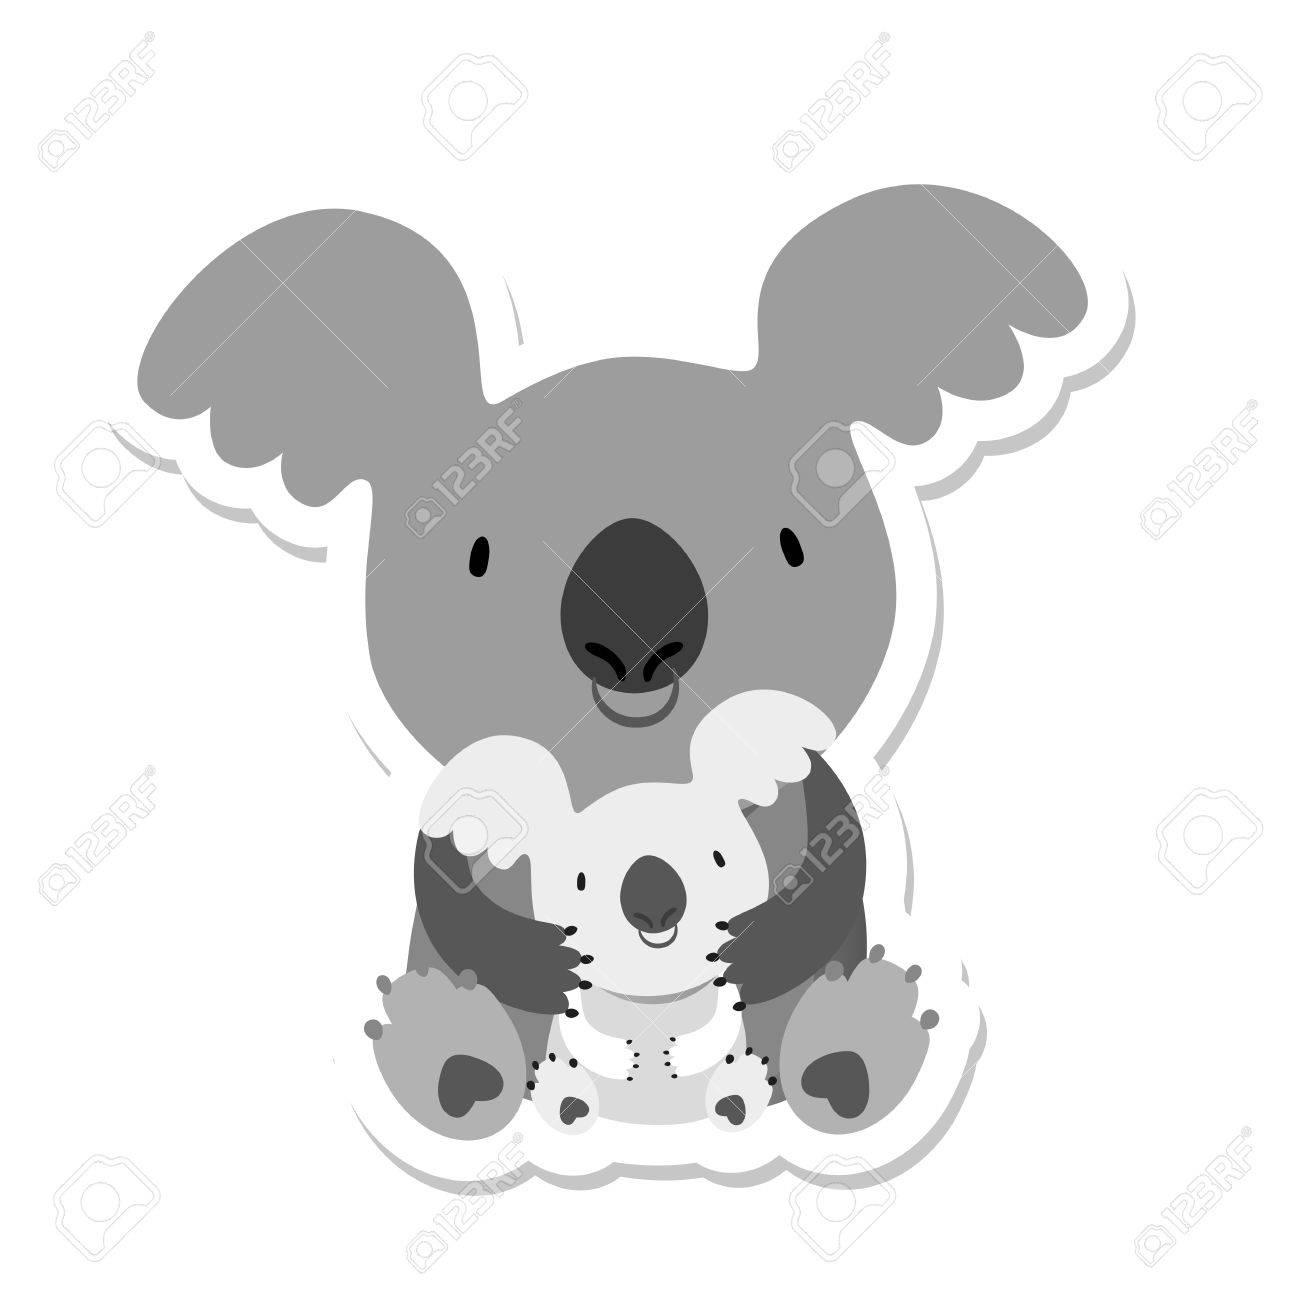 Único Colorear Oso Koala Cresta - Enmarcado Para Colorear ...